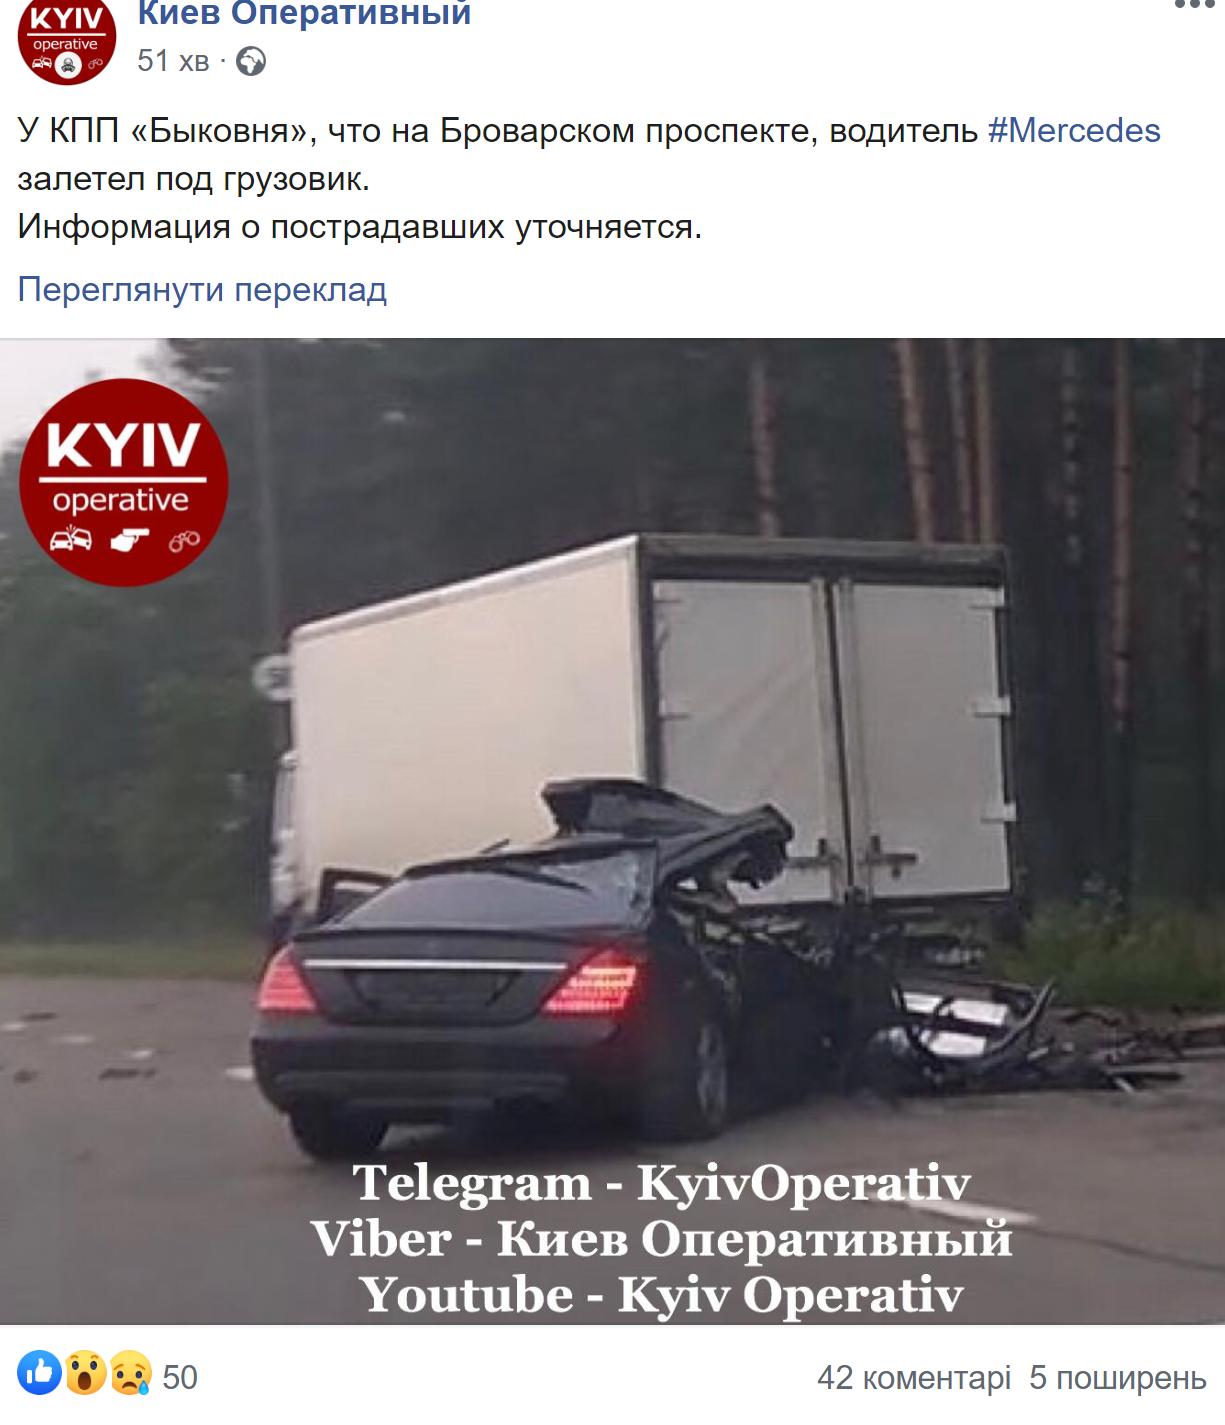 Пост в сети о ДТП в Киеве